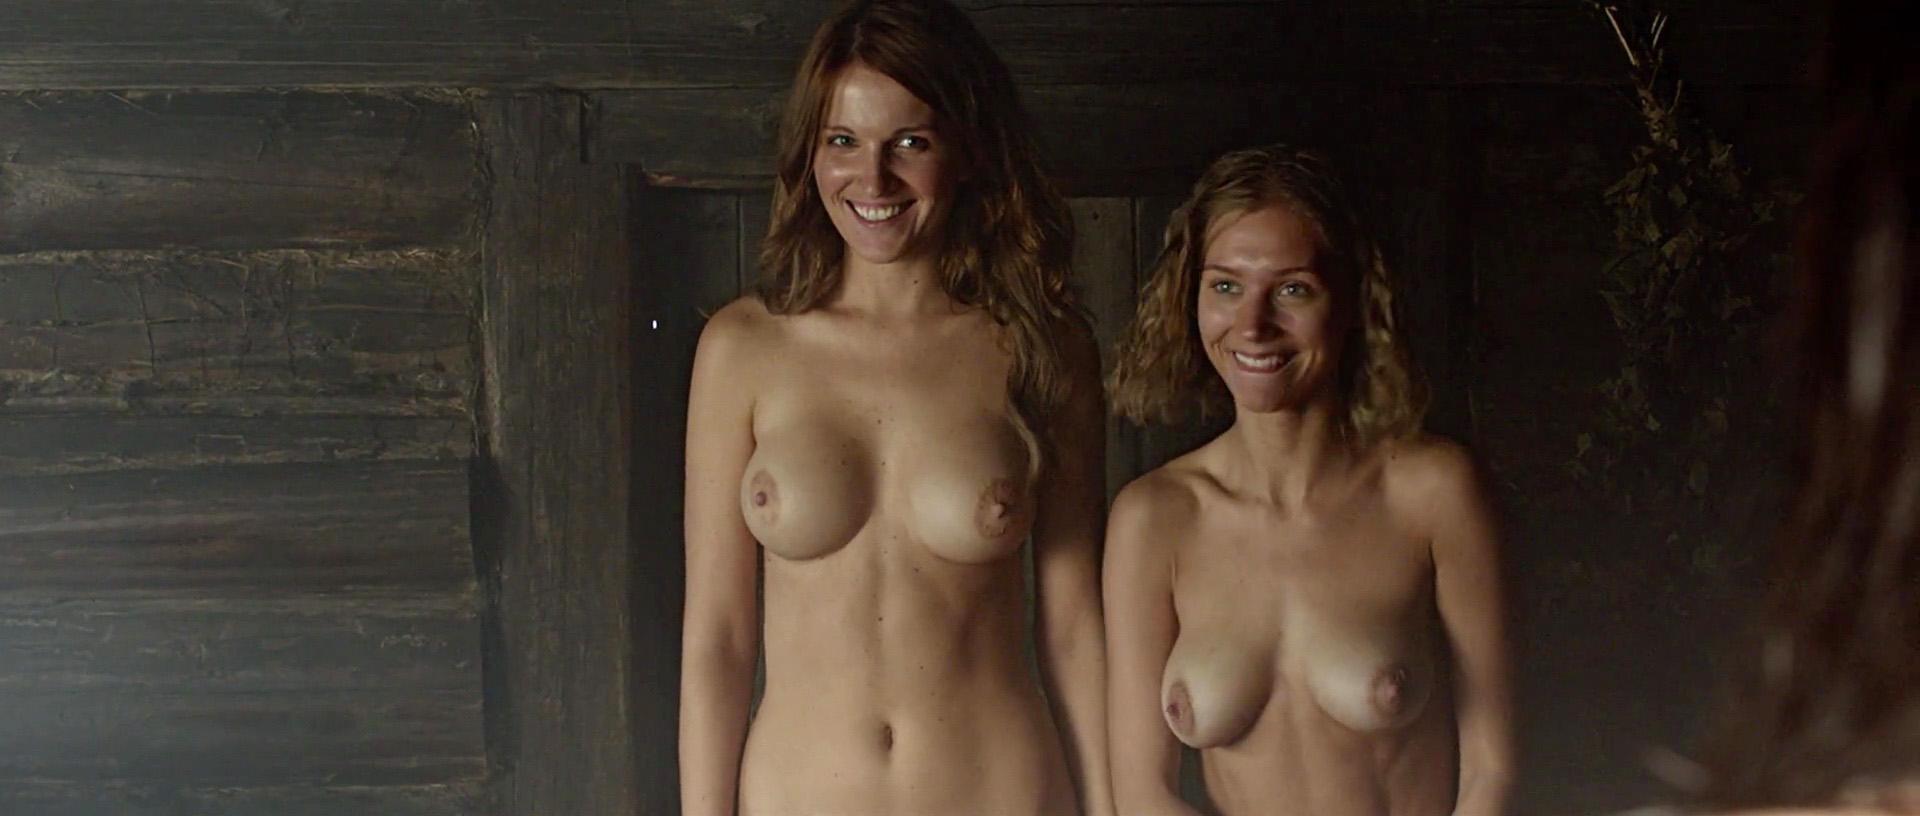 Русского кино сцены эротичиские